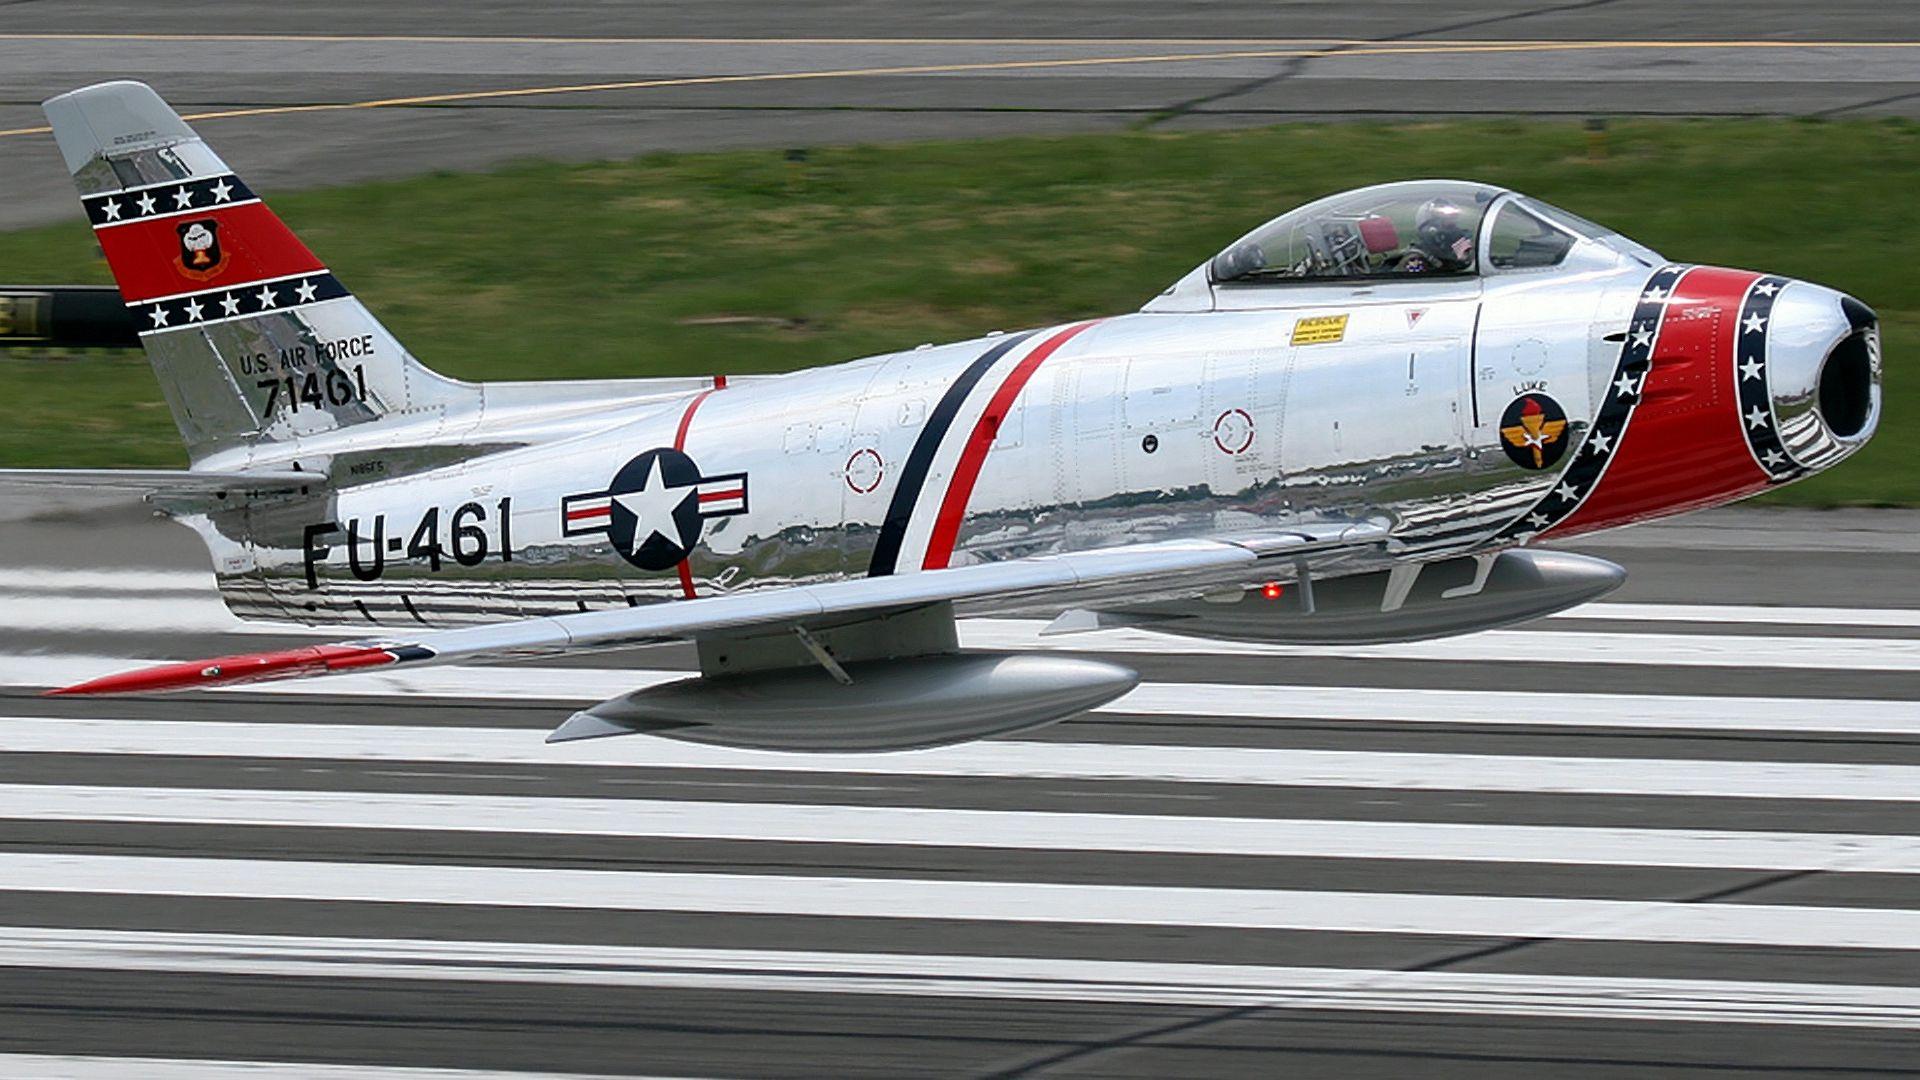 HD F-86 Sabre Wallpaper - Full HD 1920x1080 or 1920x1200